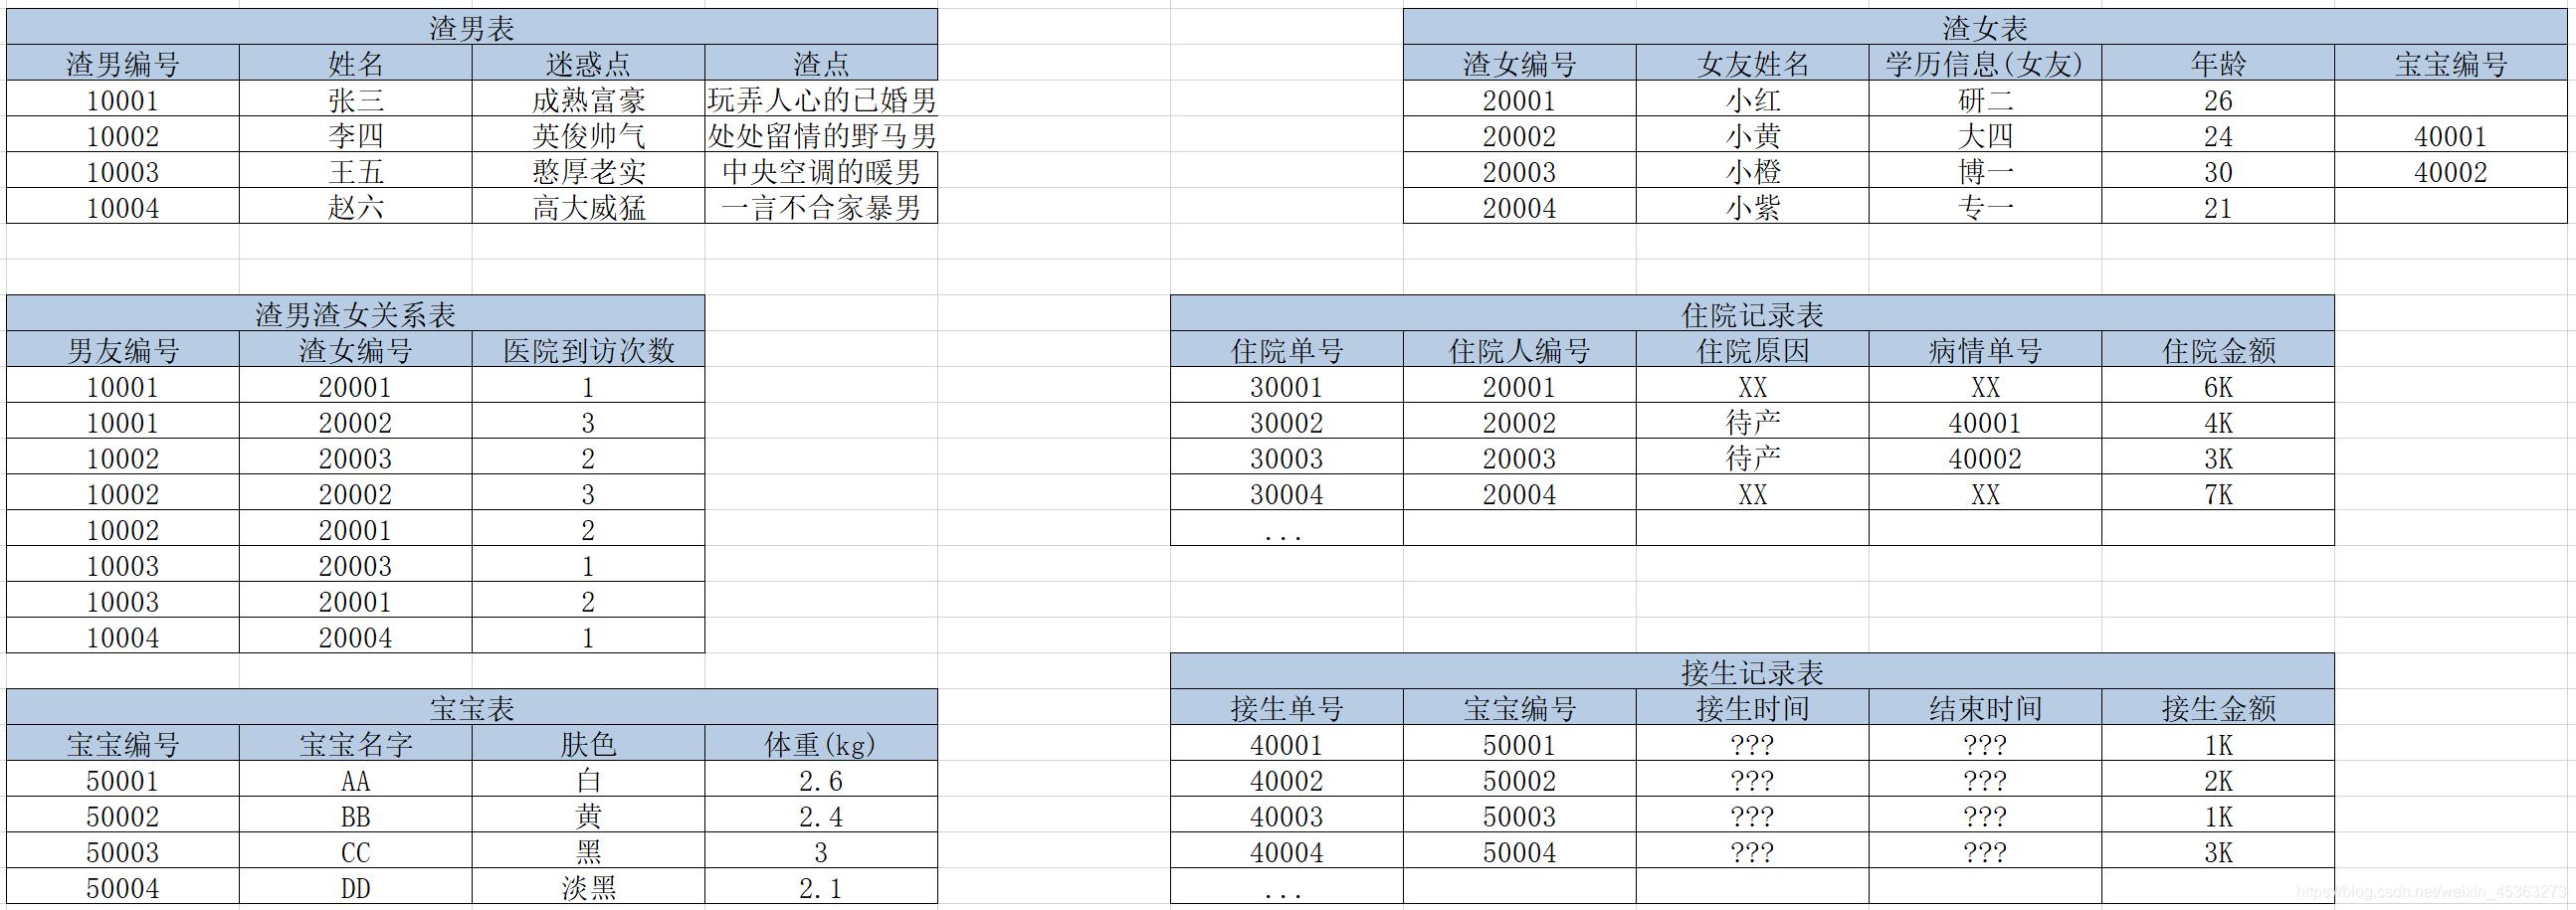 人渣系统表设计4.0-反范式冗余字段